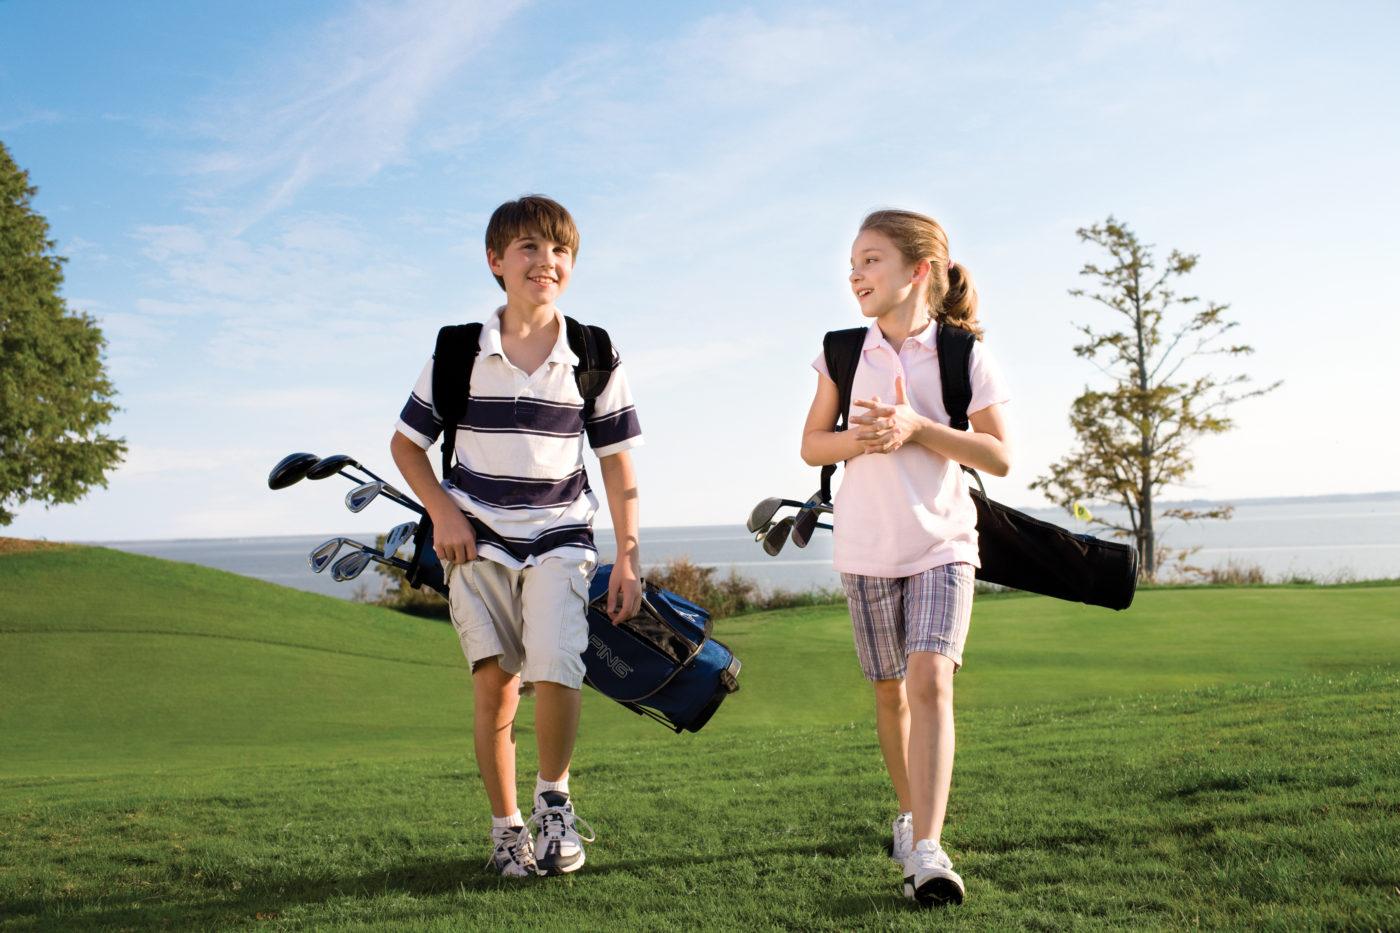 https://secureservercdn.net/104.238.69.231/tbs.145.myftpupload.com/wp-content/uploads/2019/09/Junior-Golf-Camps-e1571601442223.jpg?time=1593638024